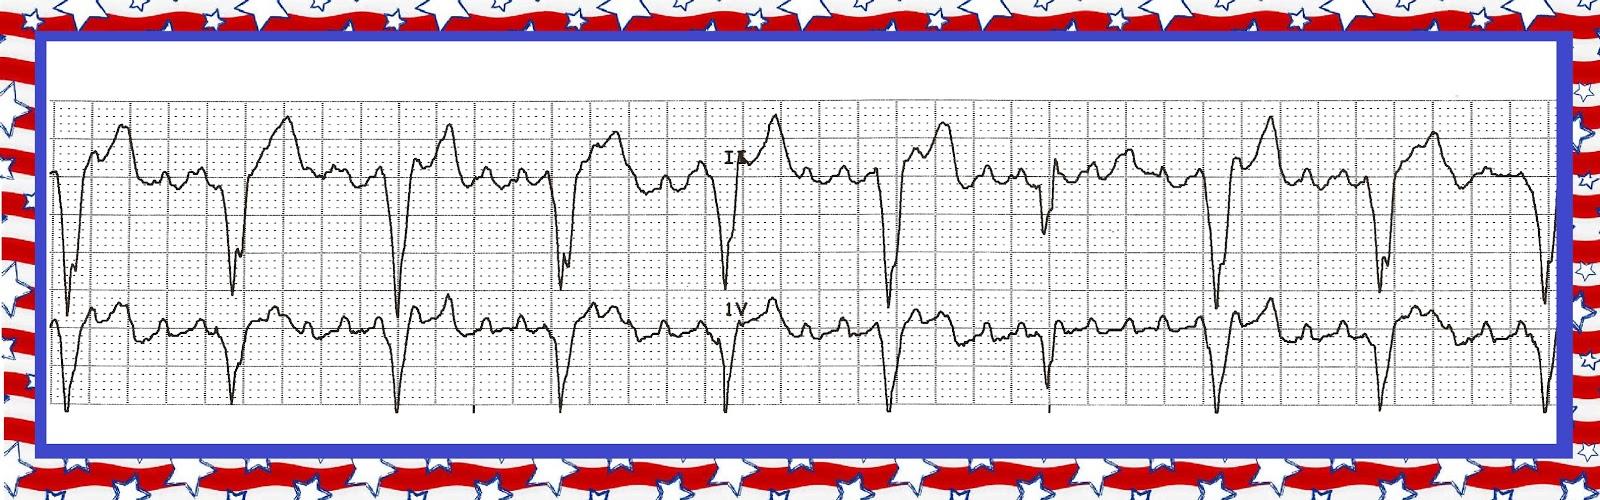 nursing care plan sinus tachycardia Ventricular tachycardia on cardiovascular and stroke nursing polymorphic ventricular tachycardia it is actually sinus rhythm with premature.